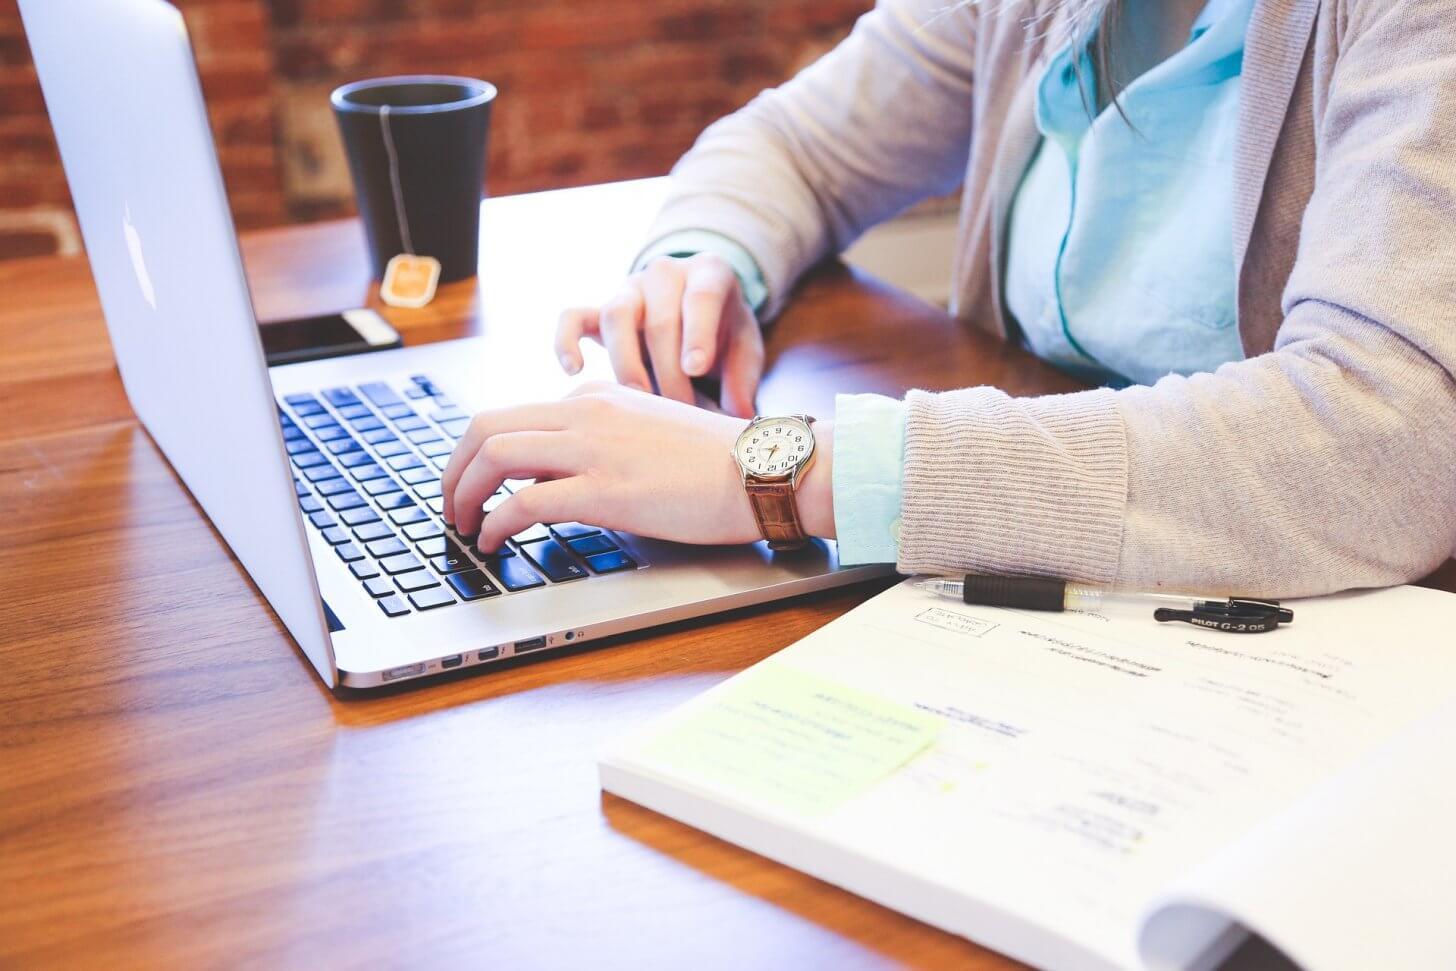 パートから正社員へ転職するなら在職中に転職活動せよ!その理由や成功ポイント